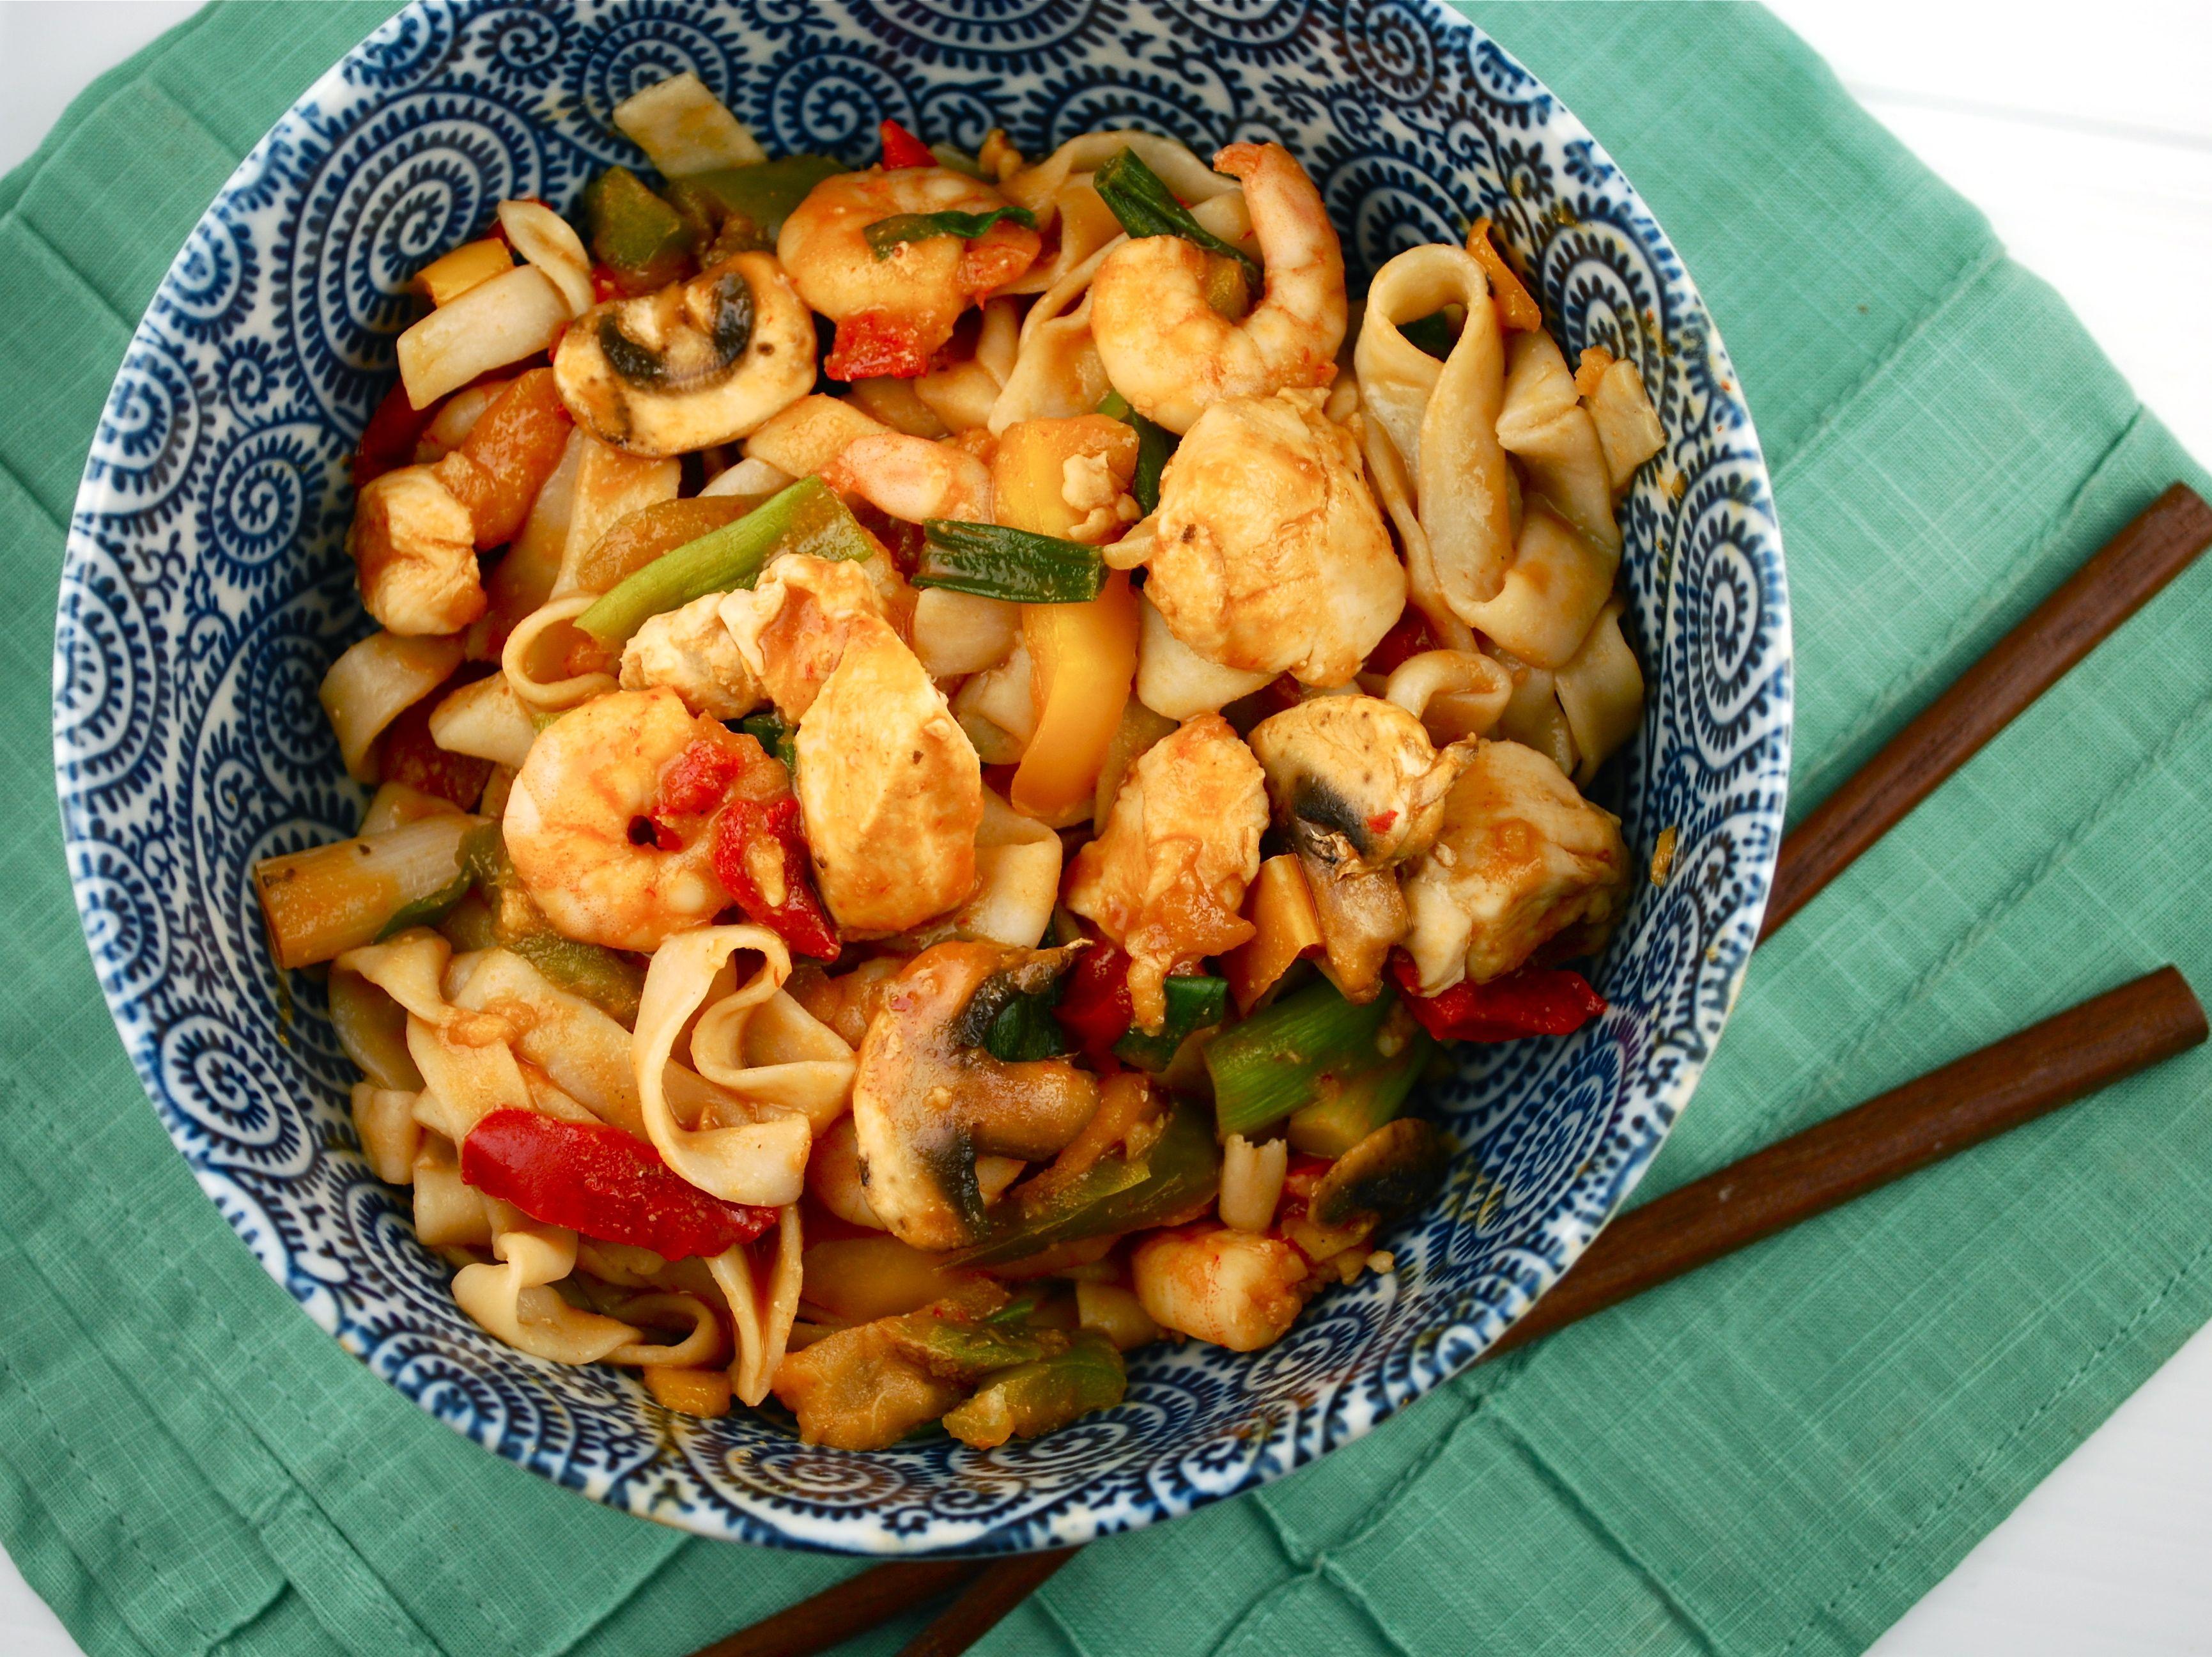 Thailändische Küche Rezepte | d2a2cf8c70b0cc1f8cba6ee83388f4ef